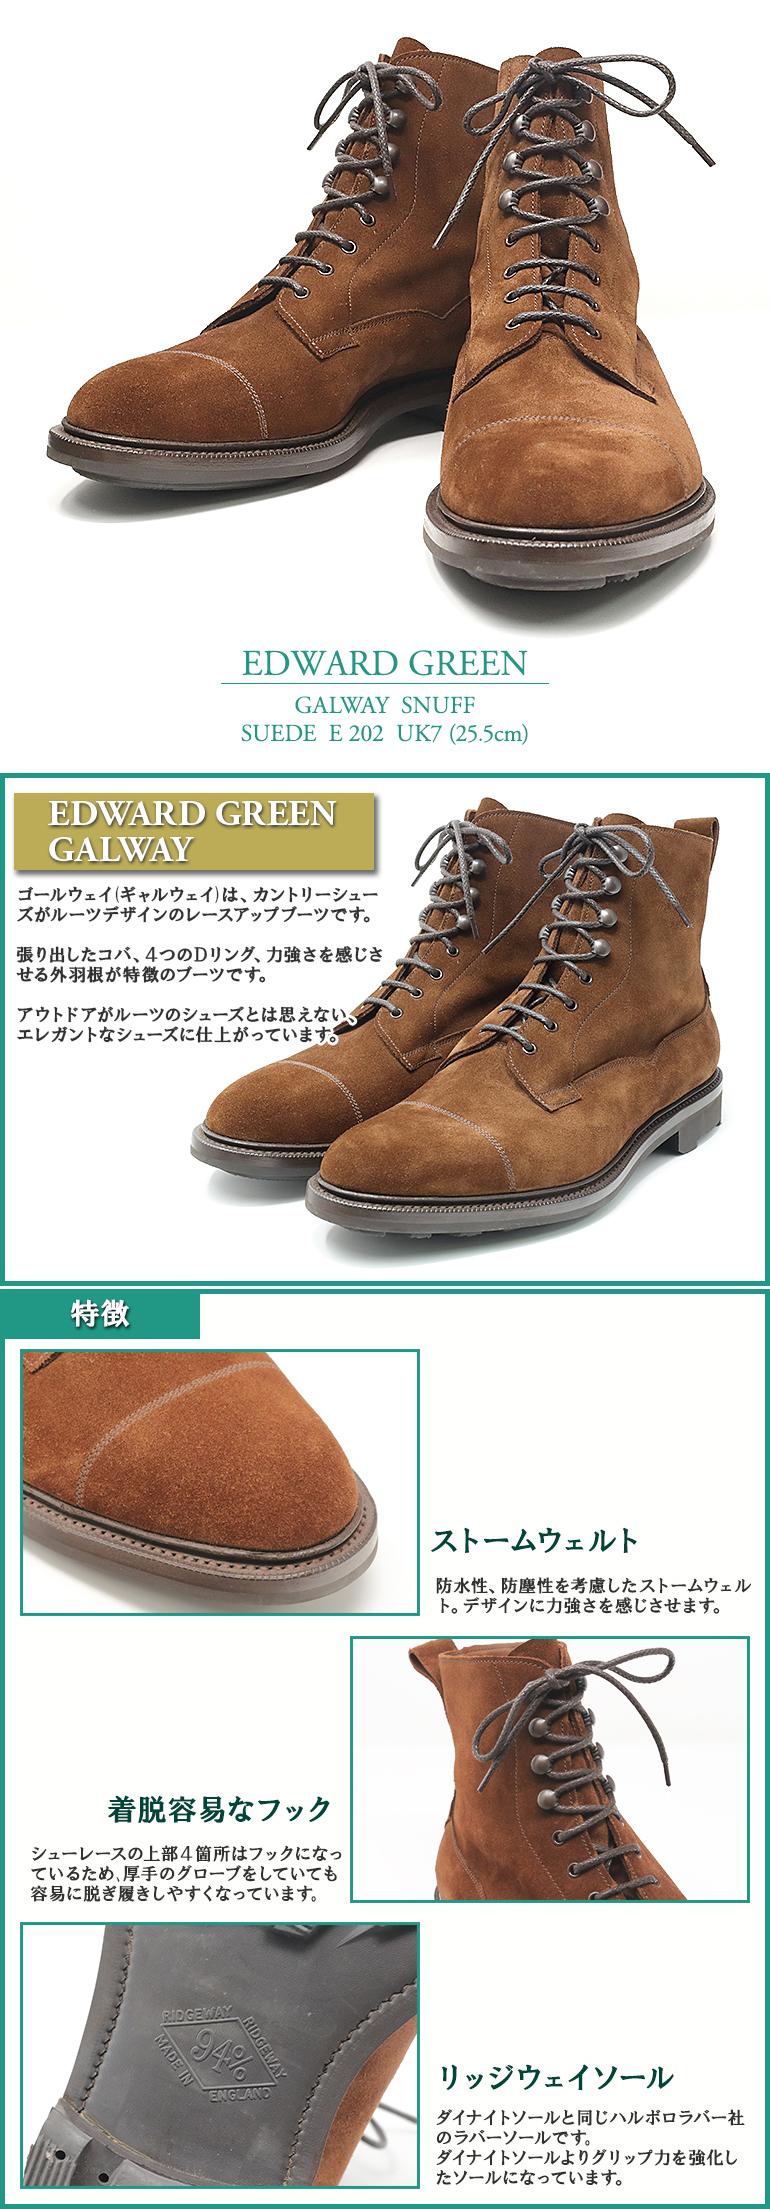 エドワードグリーン ゴールウェイ(ギャルウェイ) EDWARD GREEN GALWAY  通販 モデル紹介